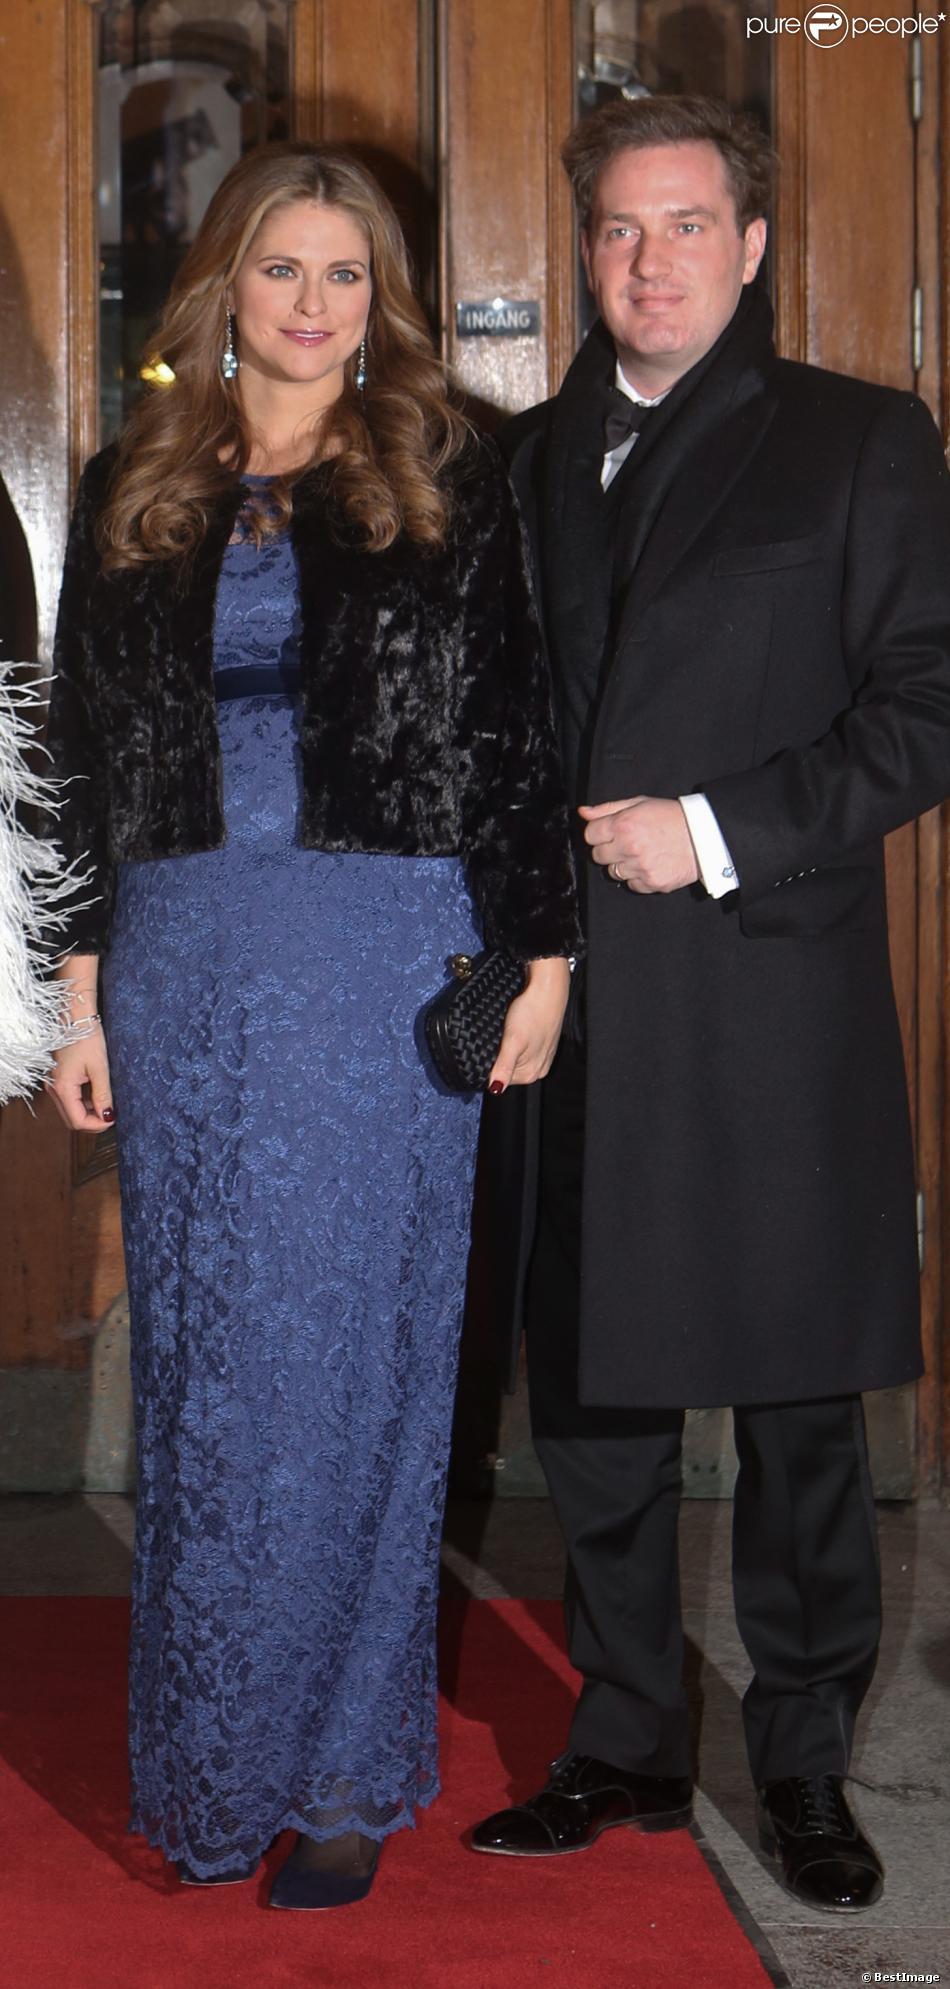 La princesse Madeleine de Suède (enceinte) et son mari Christopher O'Neill à Stockholm en Suède, le 19 décembre 2013.